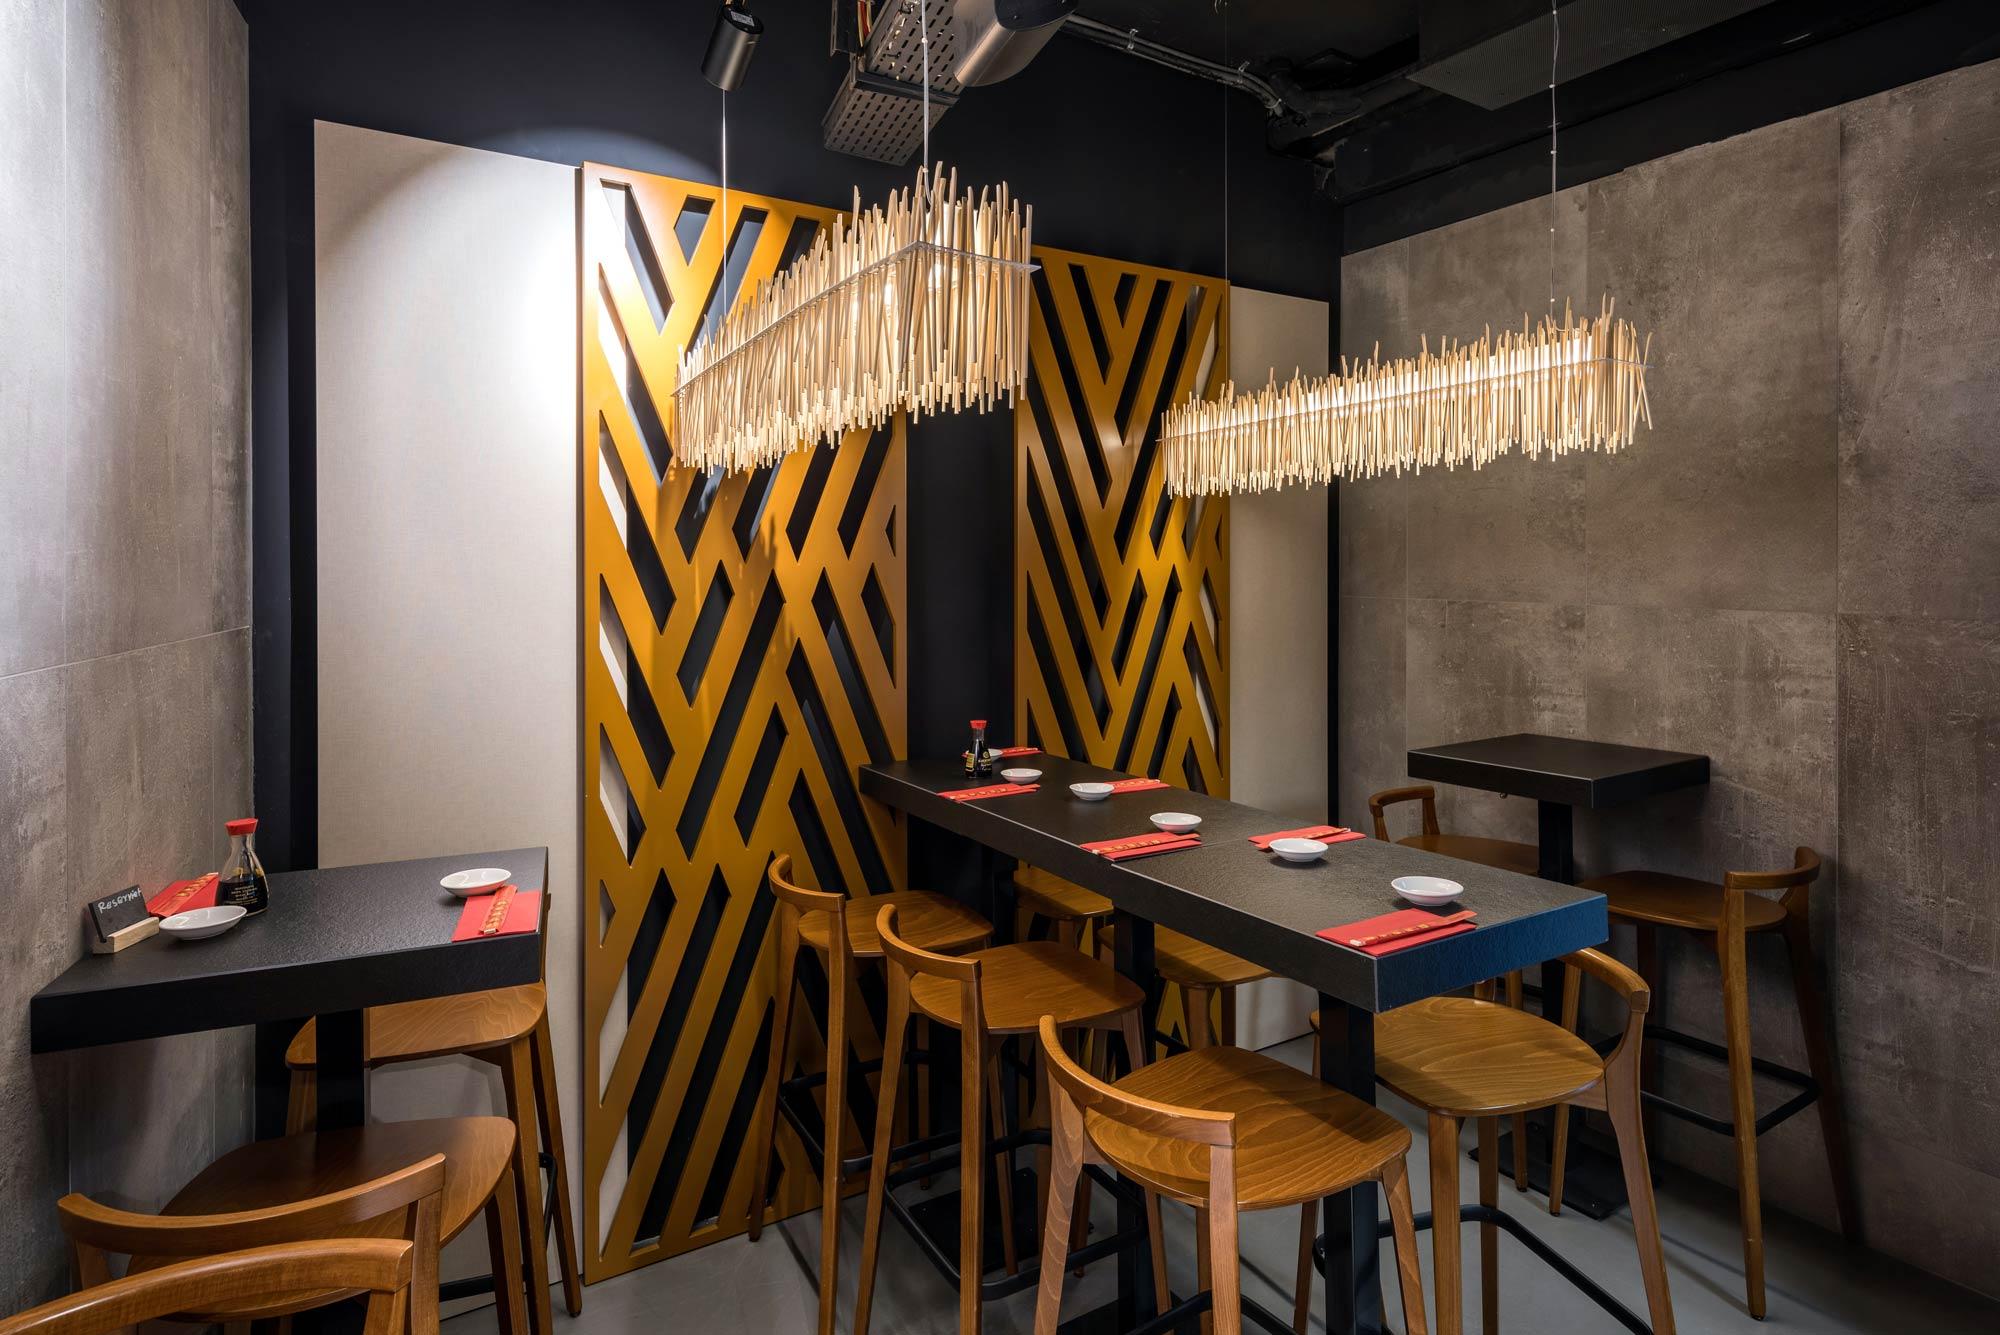 trennwand-raumteiler-sushi-bar-in-der-schweiz11